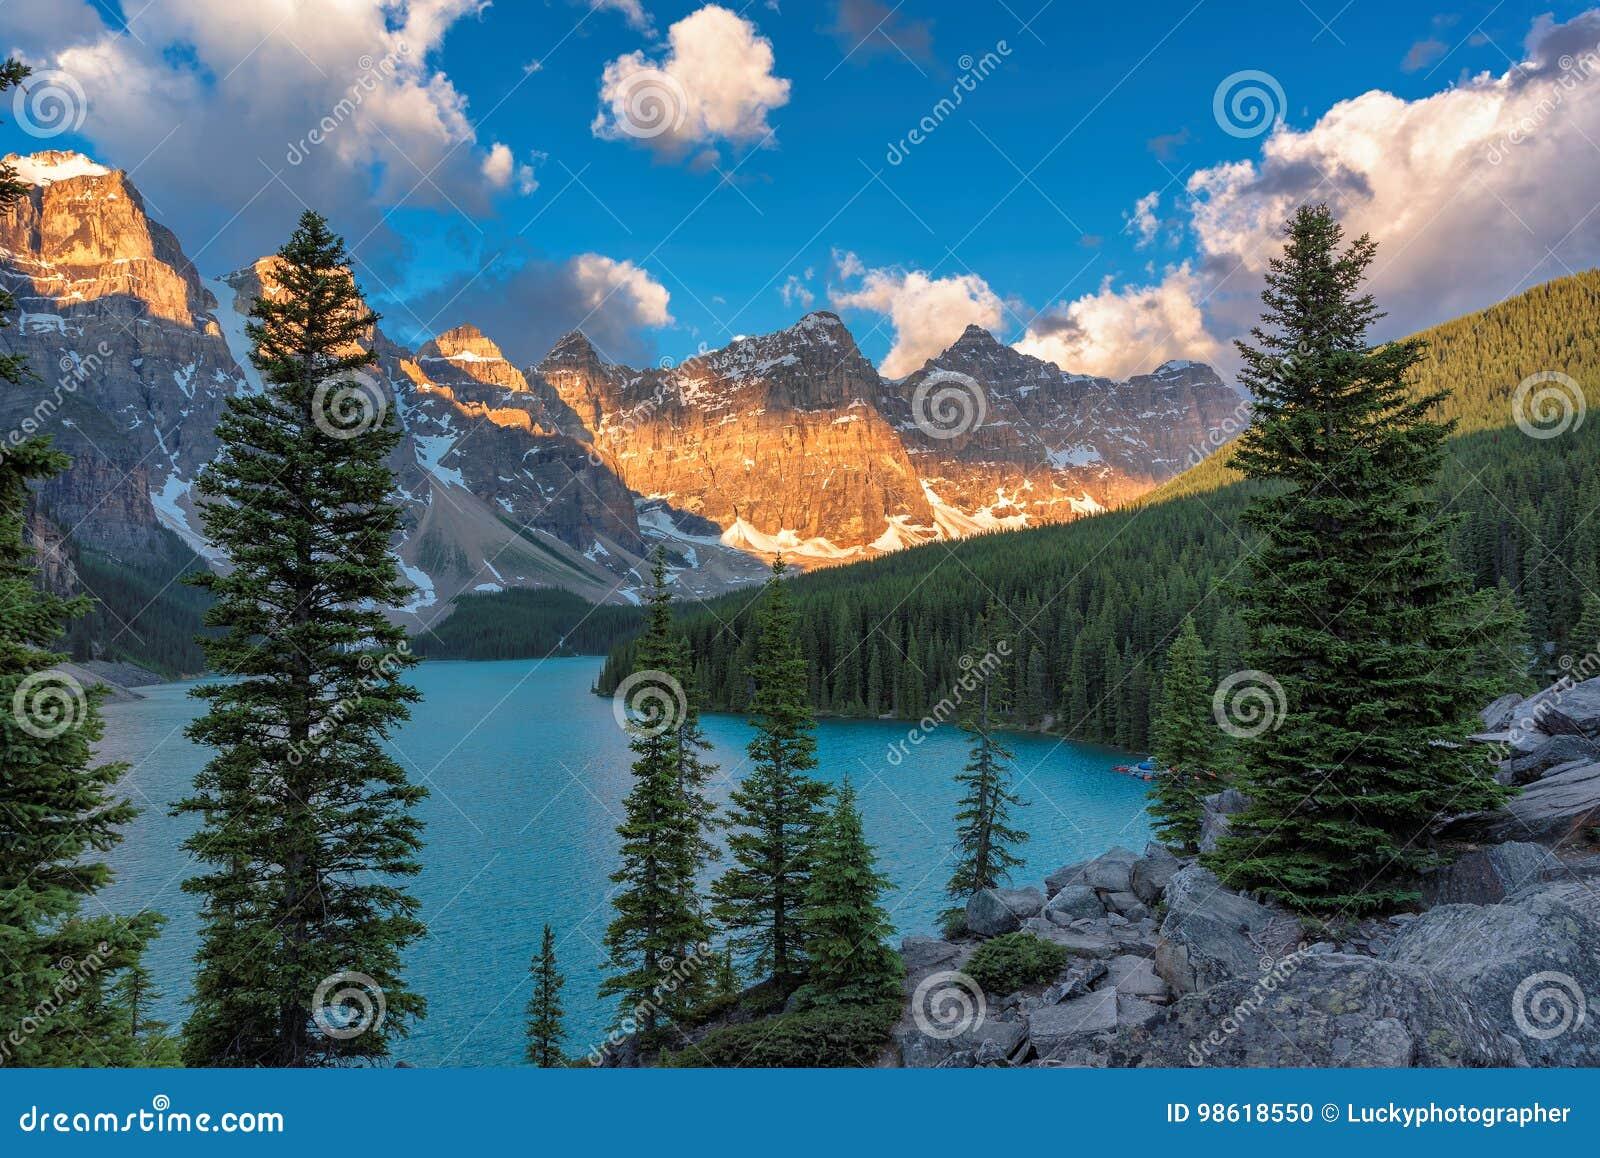 Härlig morän sjö på soluppgång i den Banff nationalparken, Alberta, Kanada